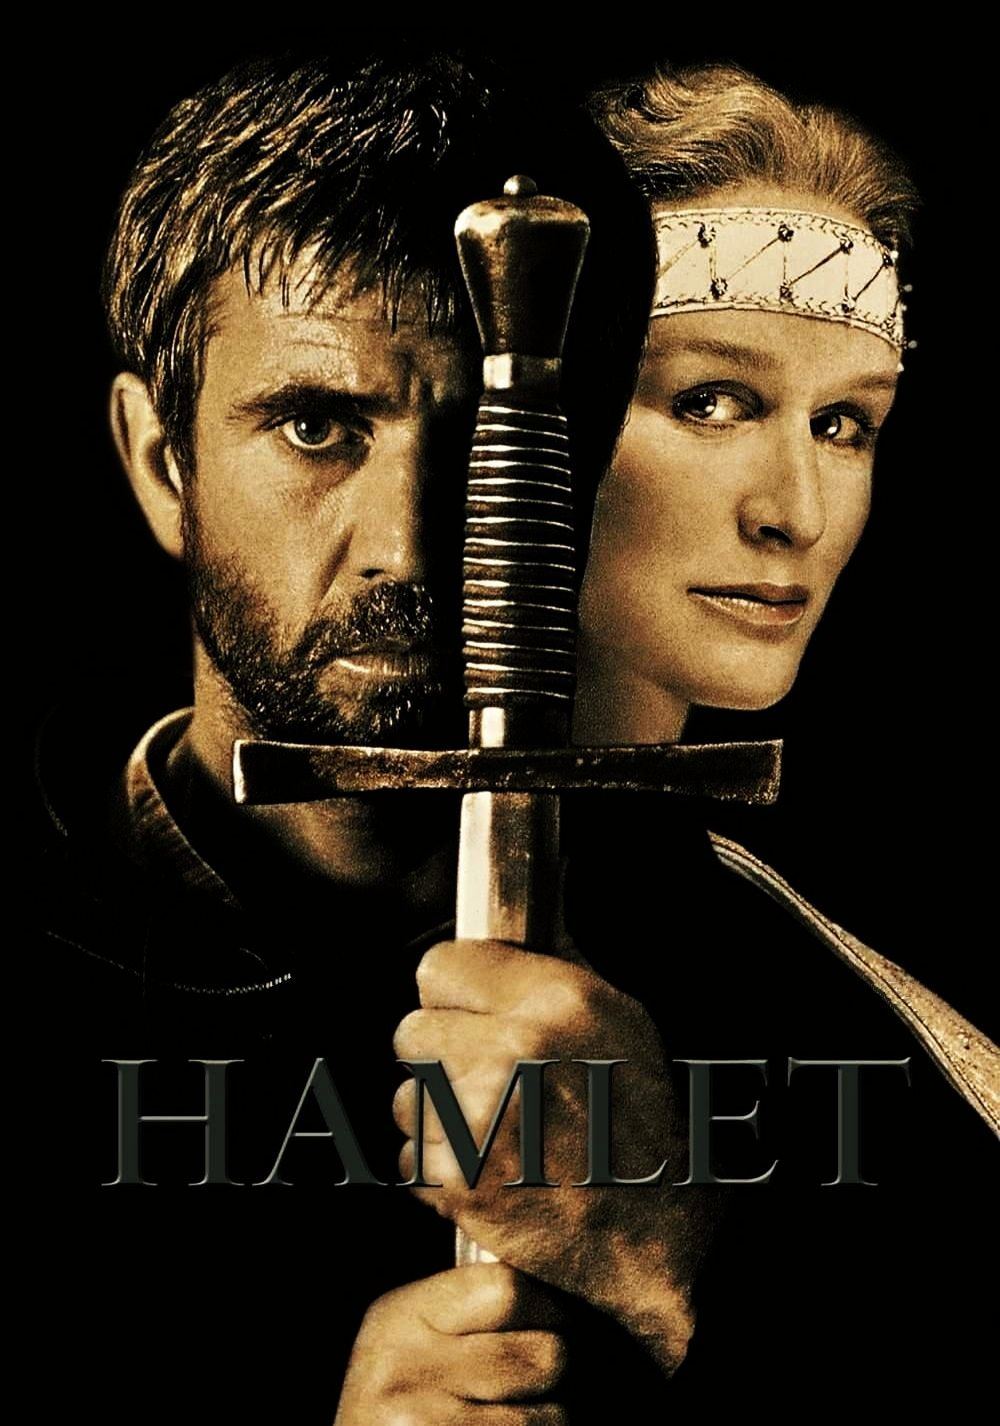 Hamlett